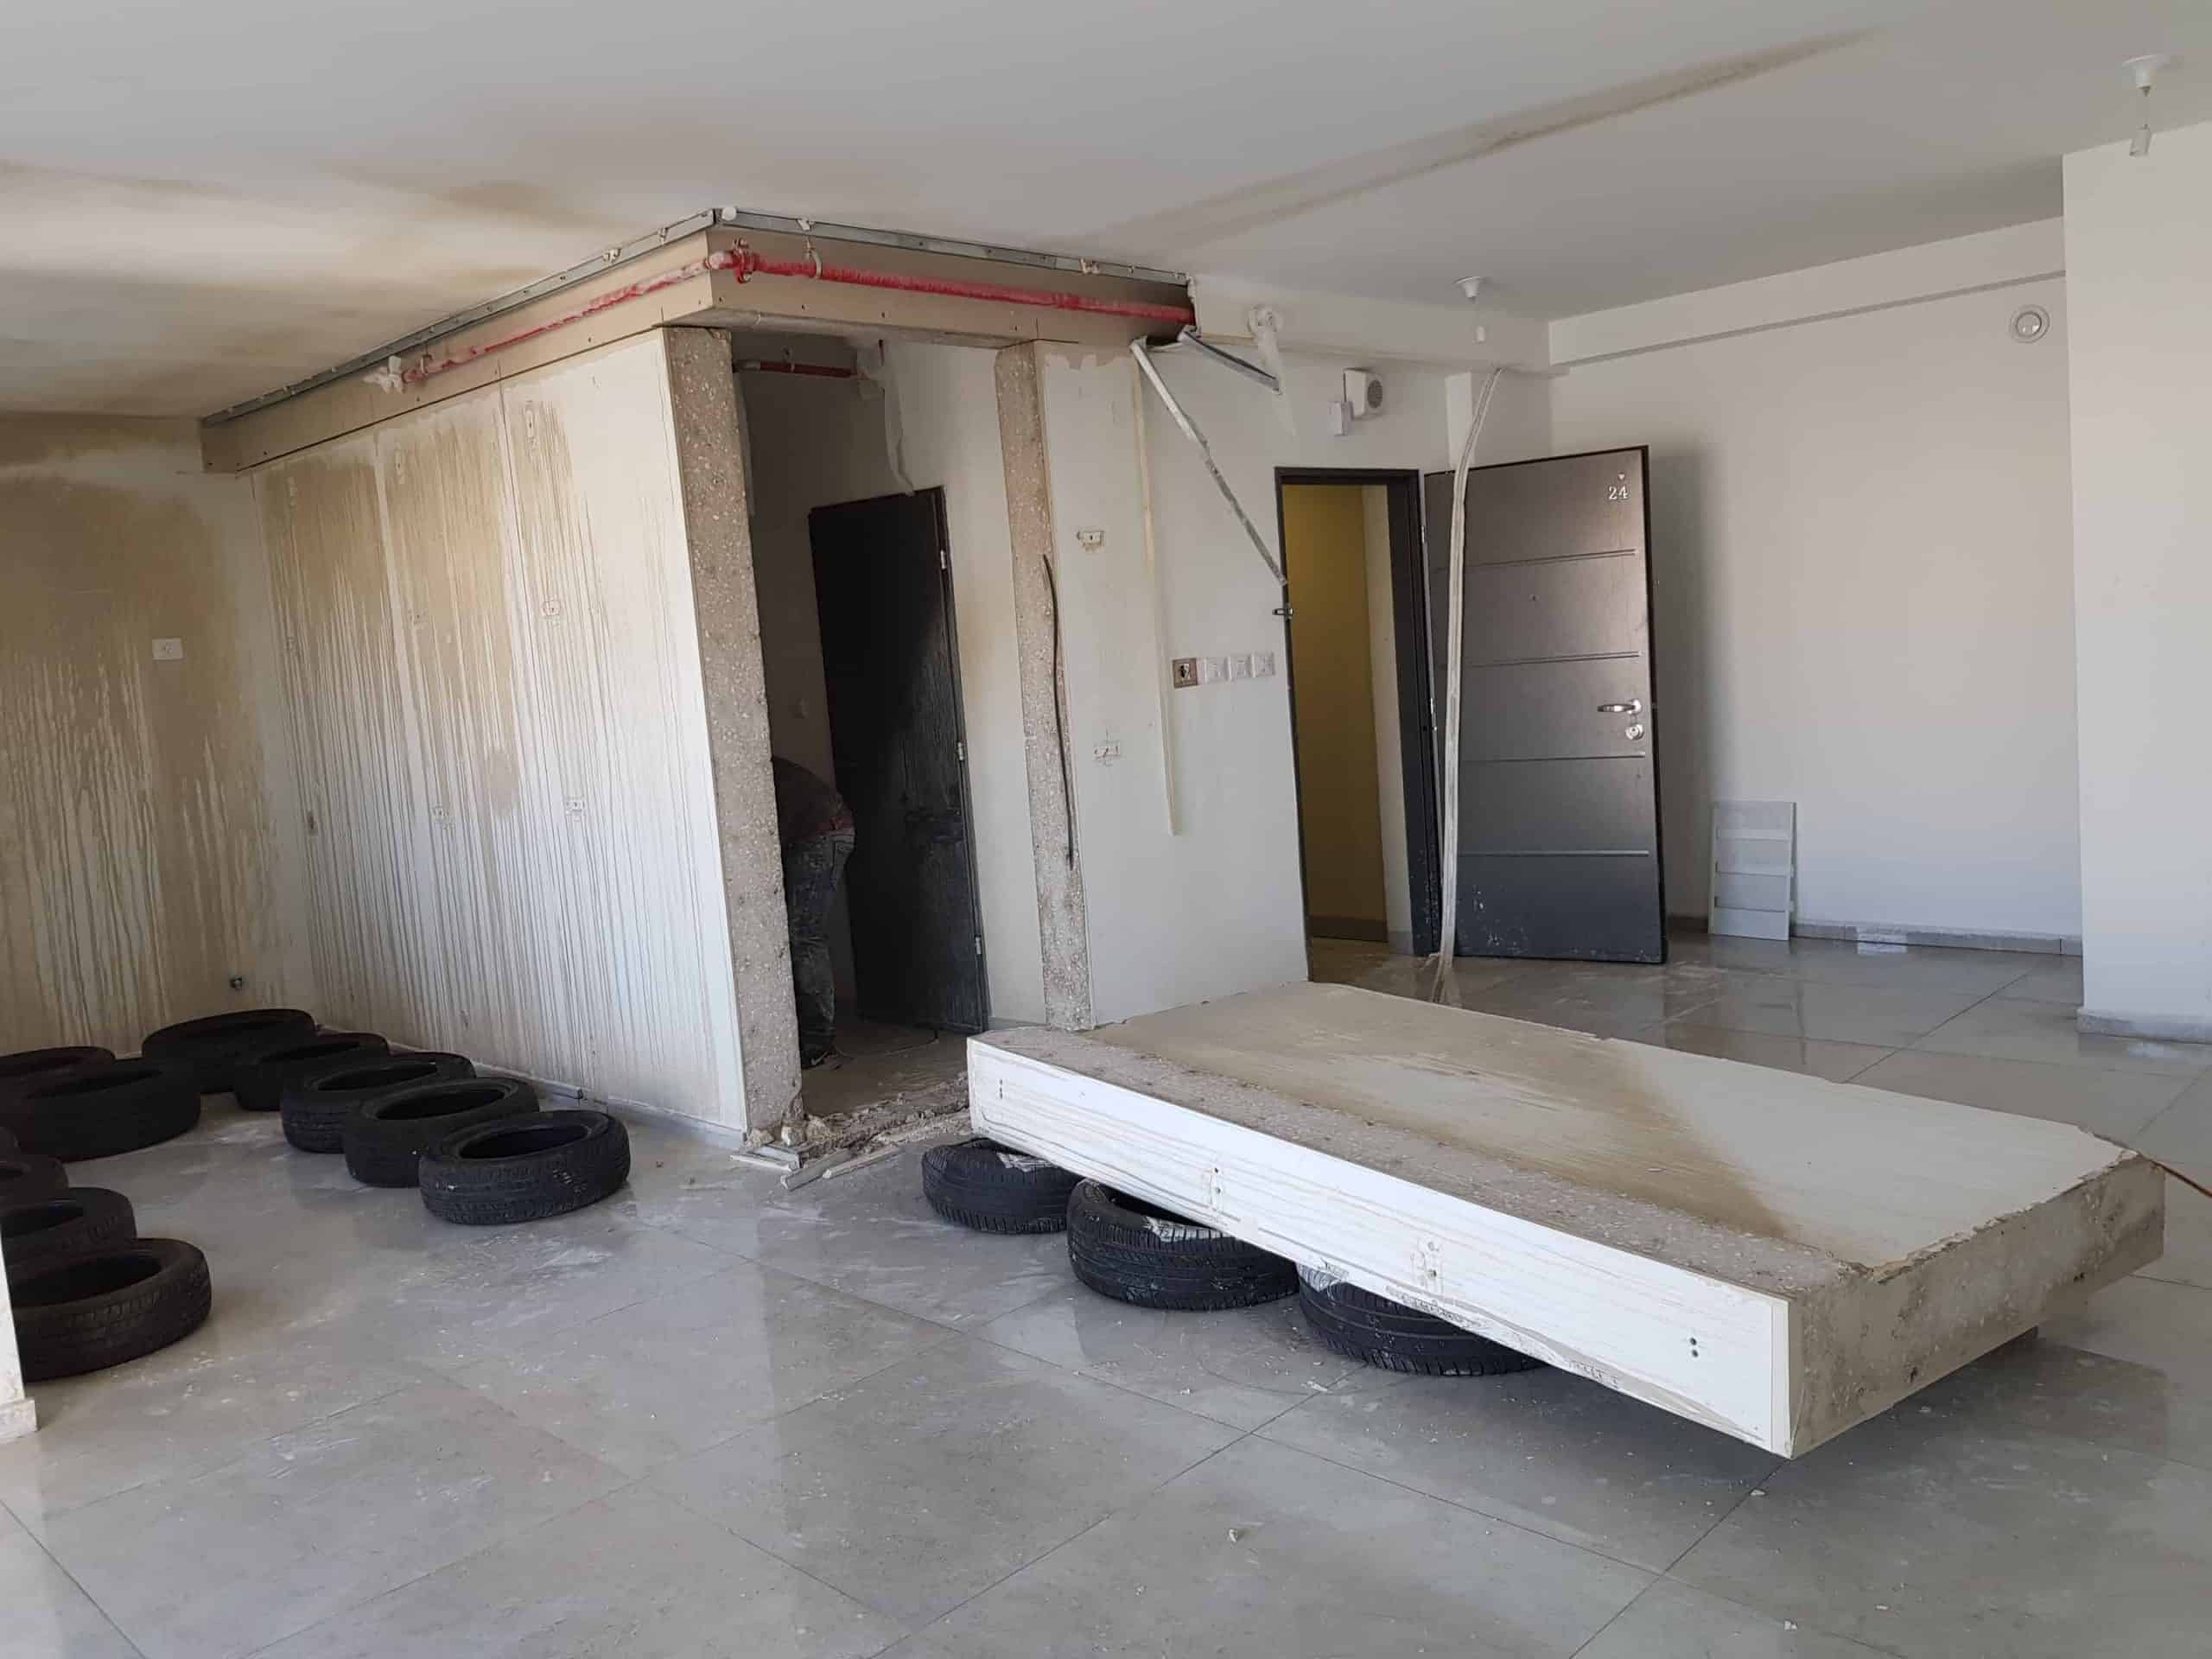 איך מודדים עובי קיר בטון לצורך ניסור?